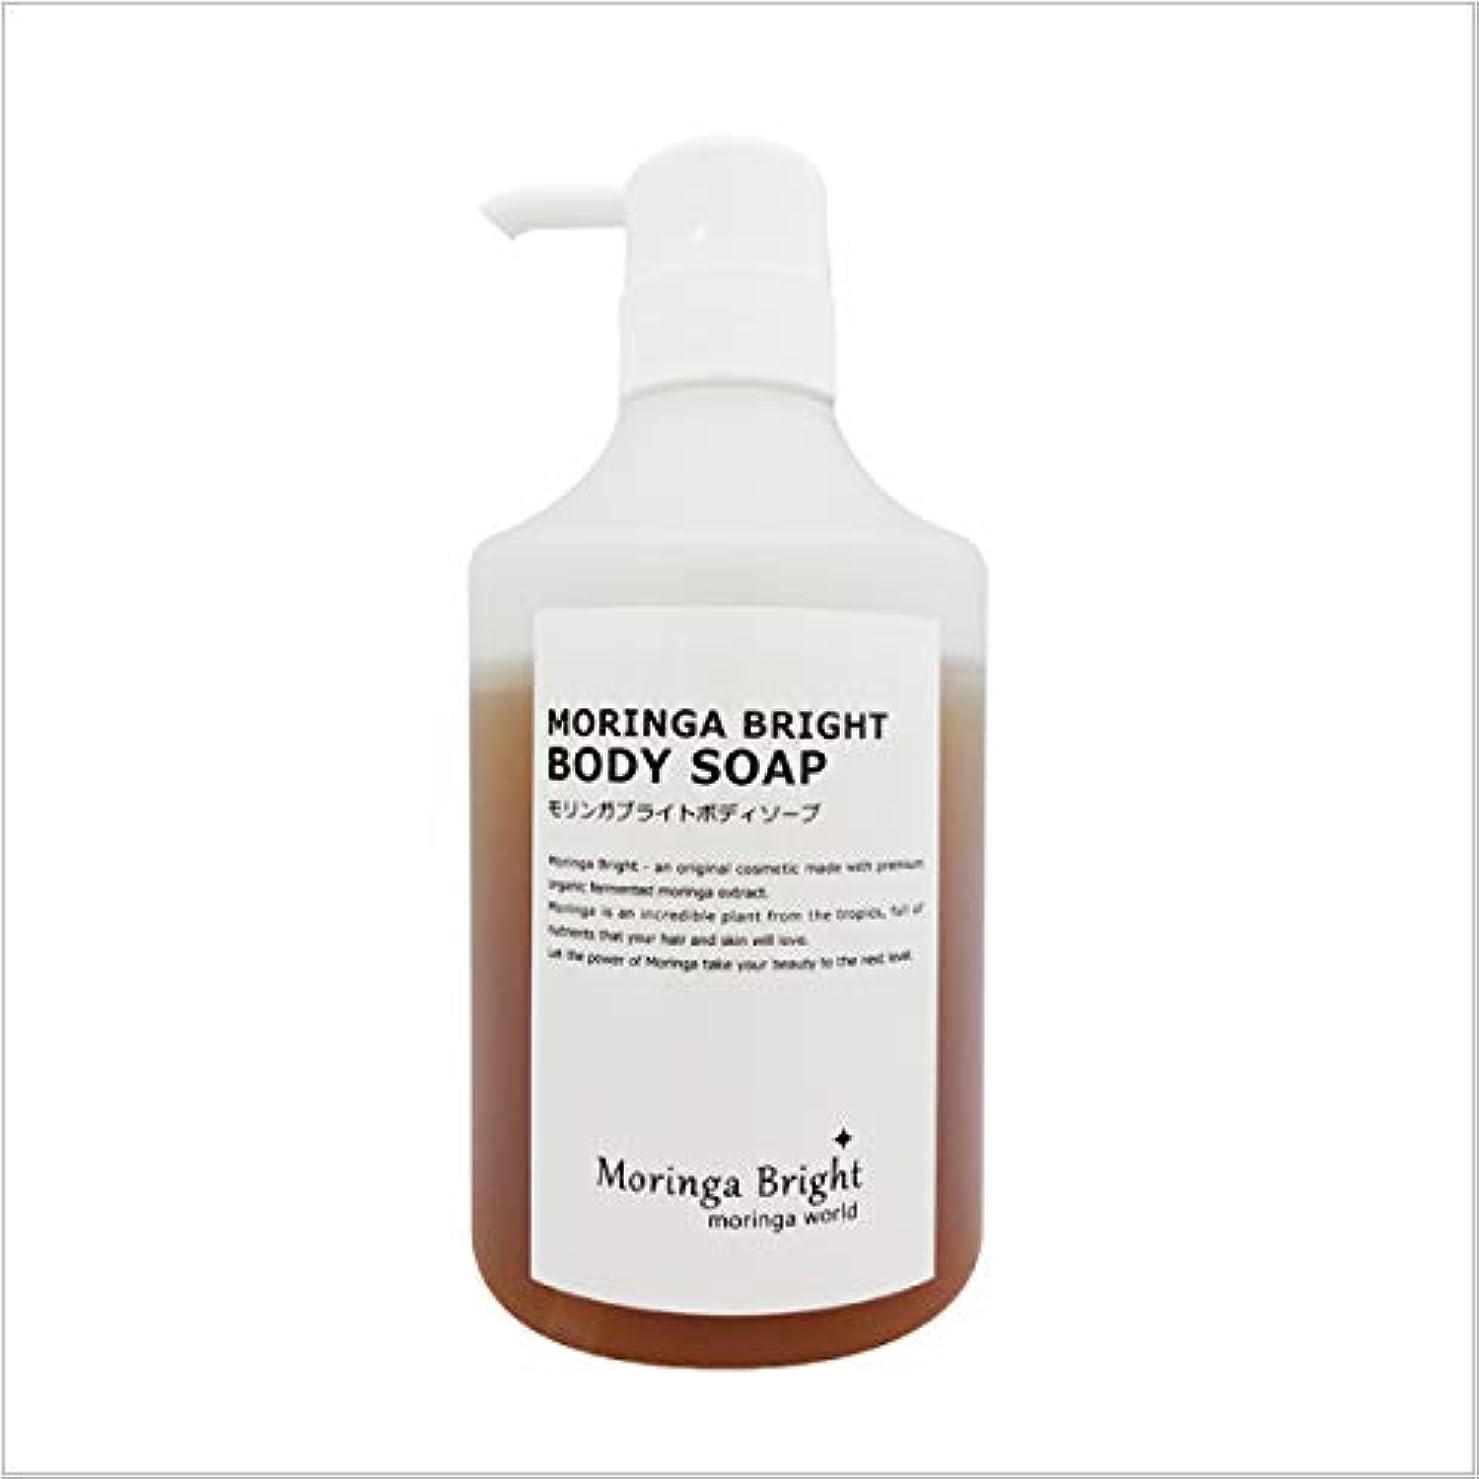 怠けたトランザクションまあモリンガブライトボディソープ450ml 最上級の無添加ボディ&洗顔ソープ 国内初の保湿美容成分『発酵モリンガエキス』配合